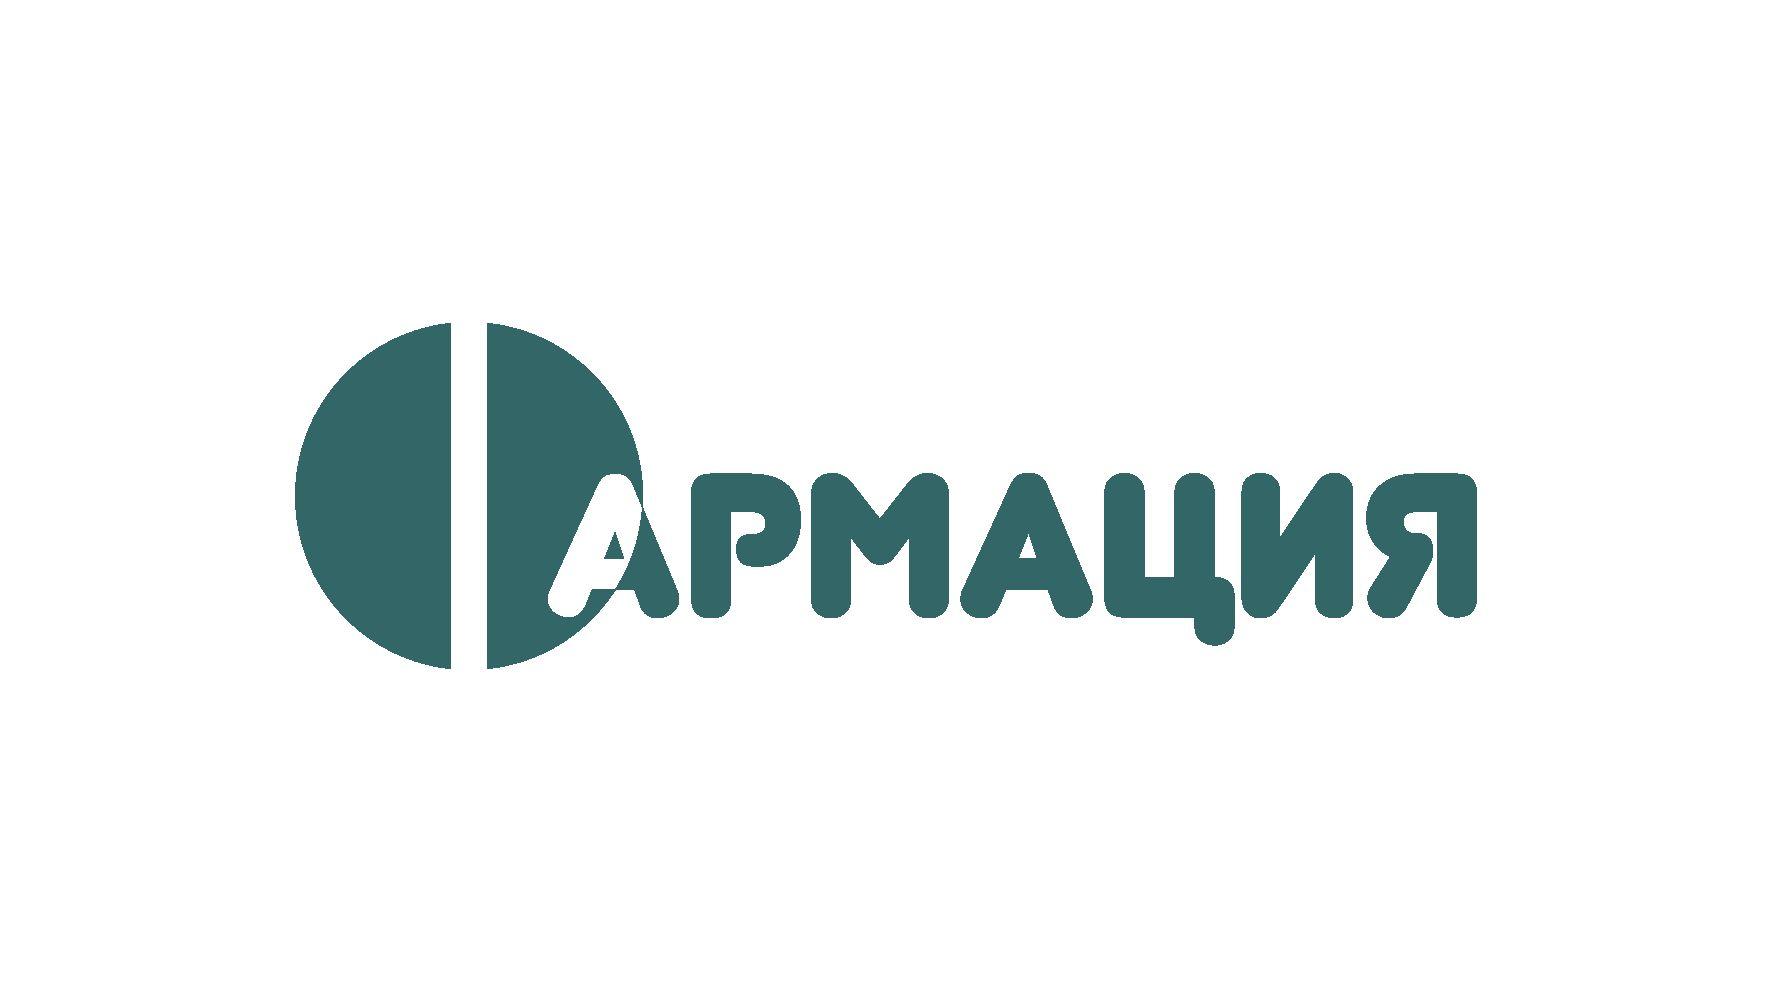 Логотип для государственной аптеки - дизайнер bor23